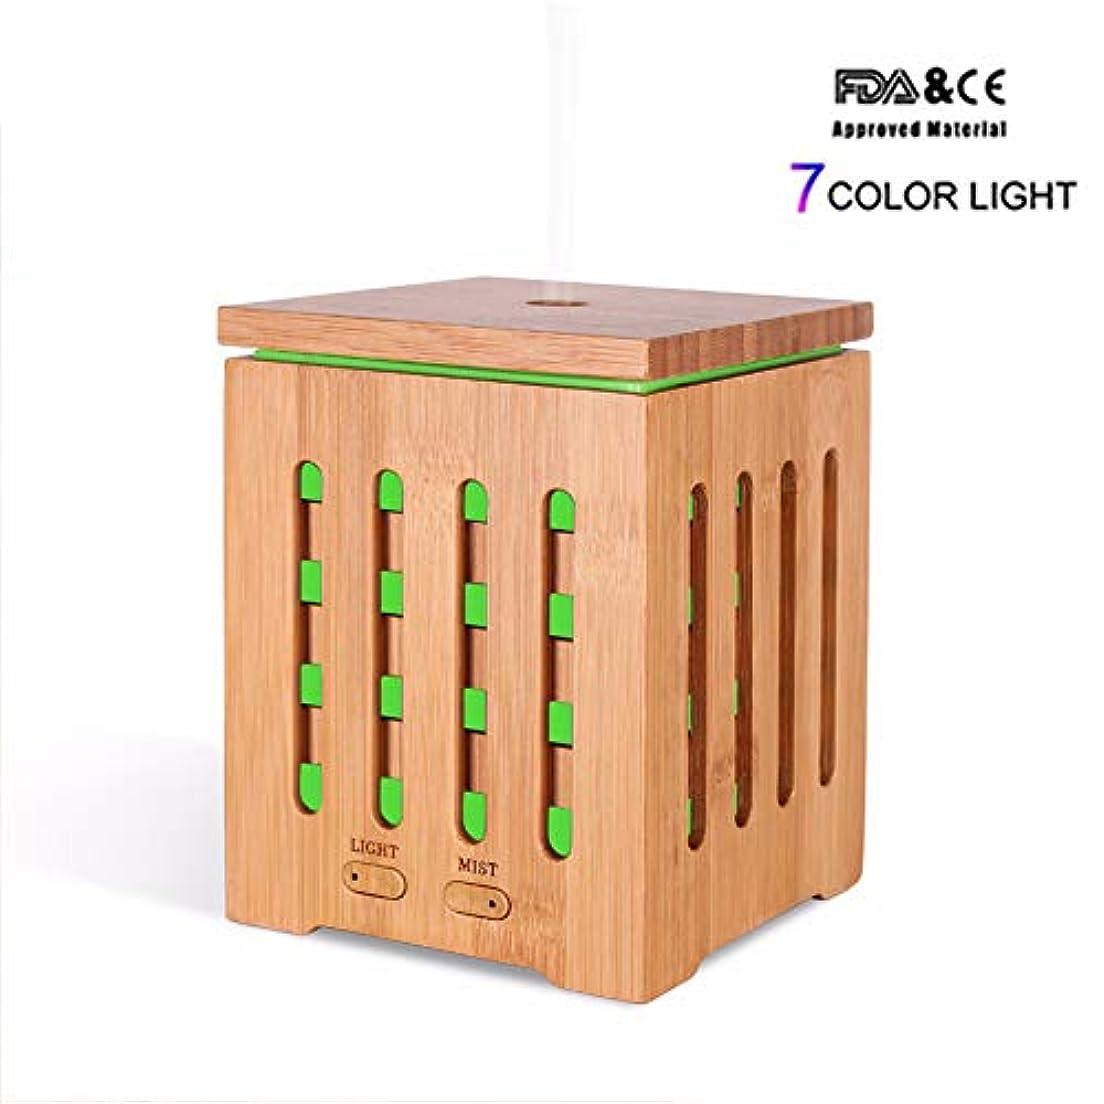 の慈悲でイデオロギー九時四十五分200MLリアル竹エッセンシャルオイルディフューザーアロマテラピー空気加湿器7色LEDライトホームワークスSPA健康的